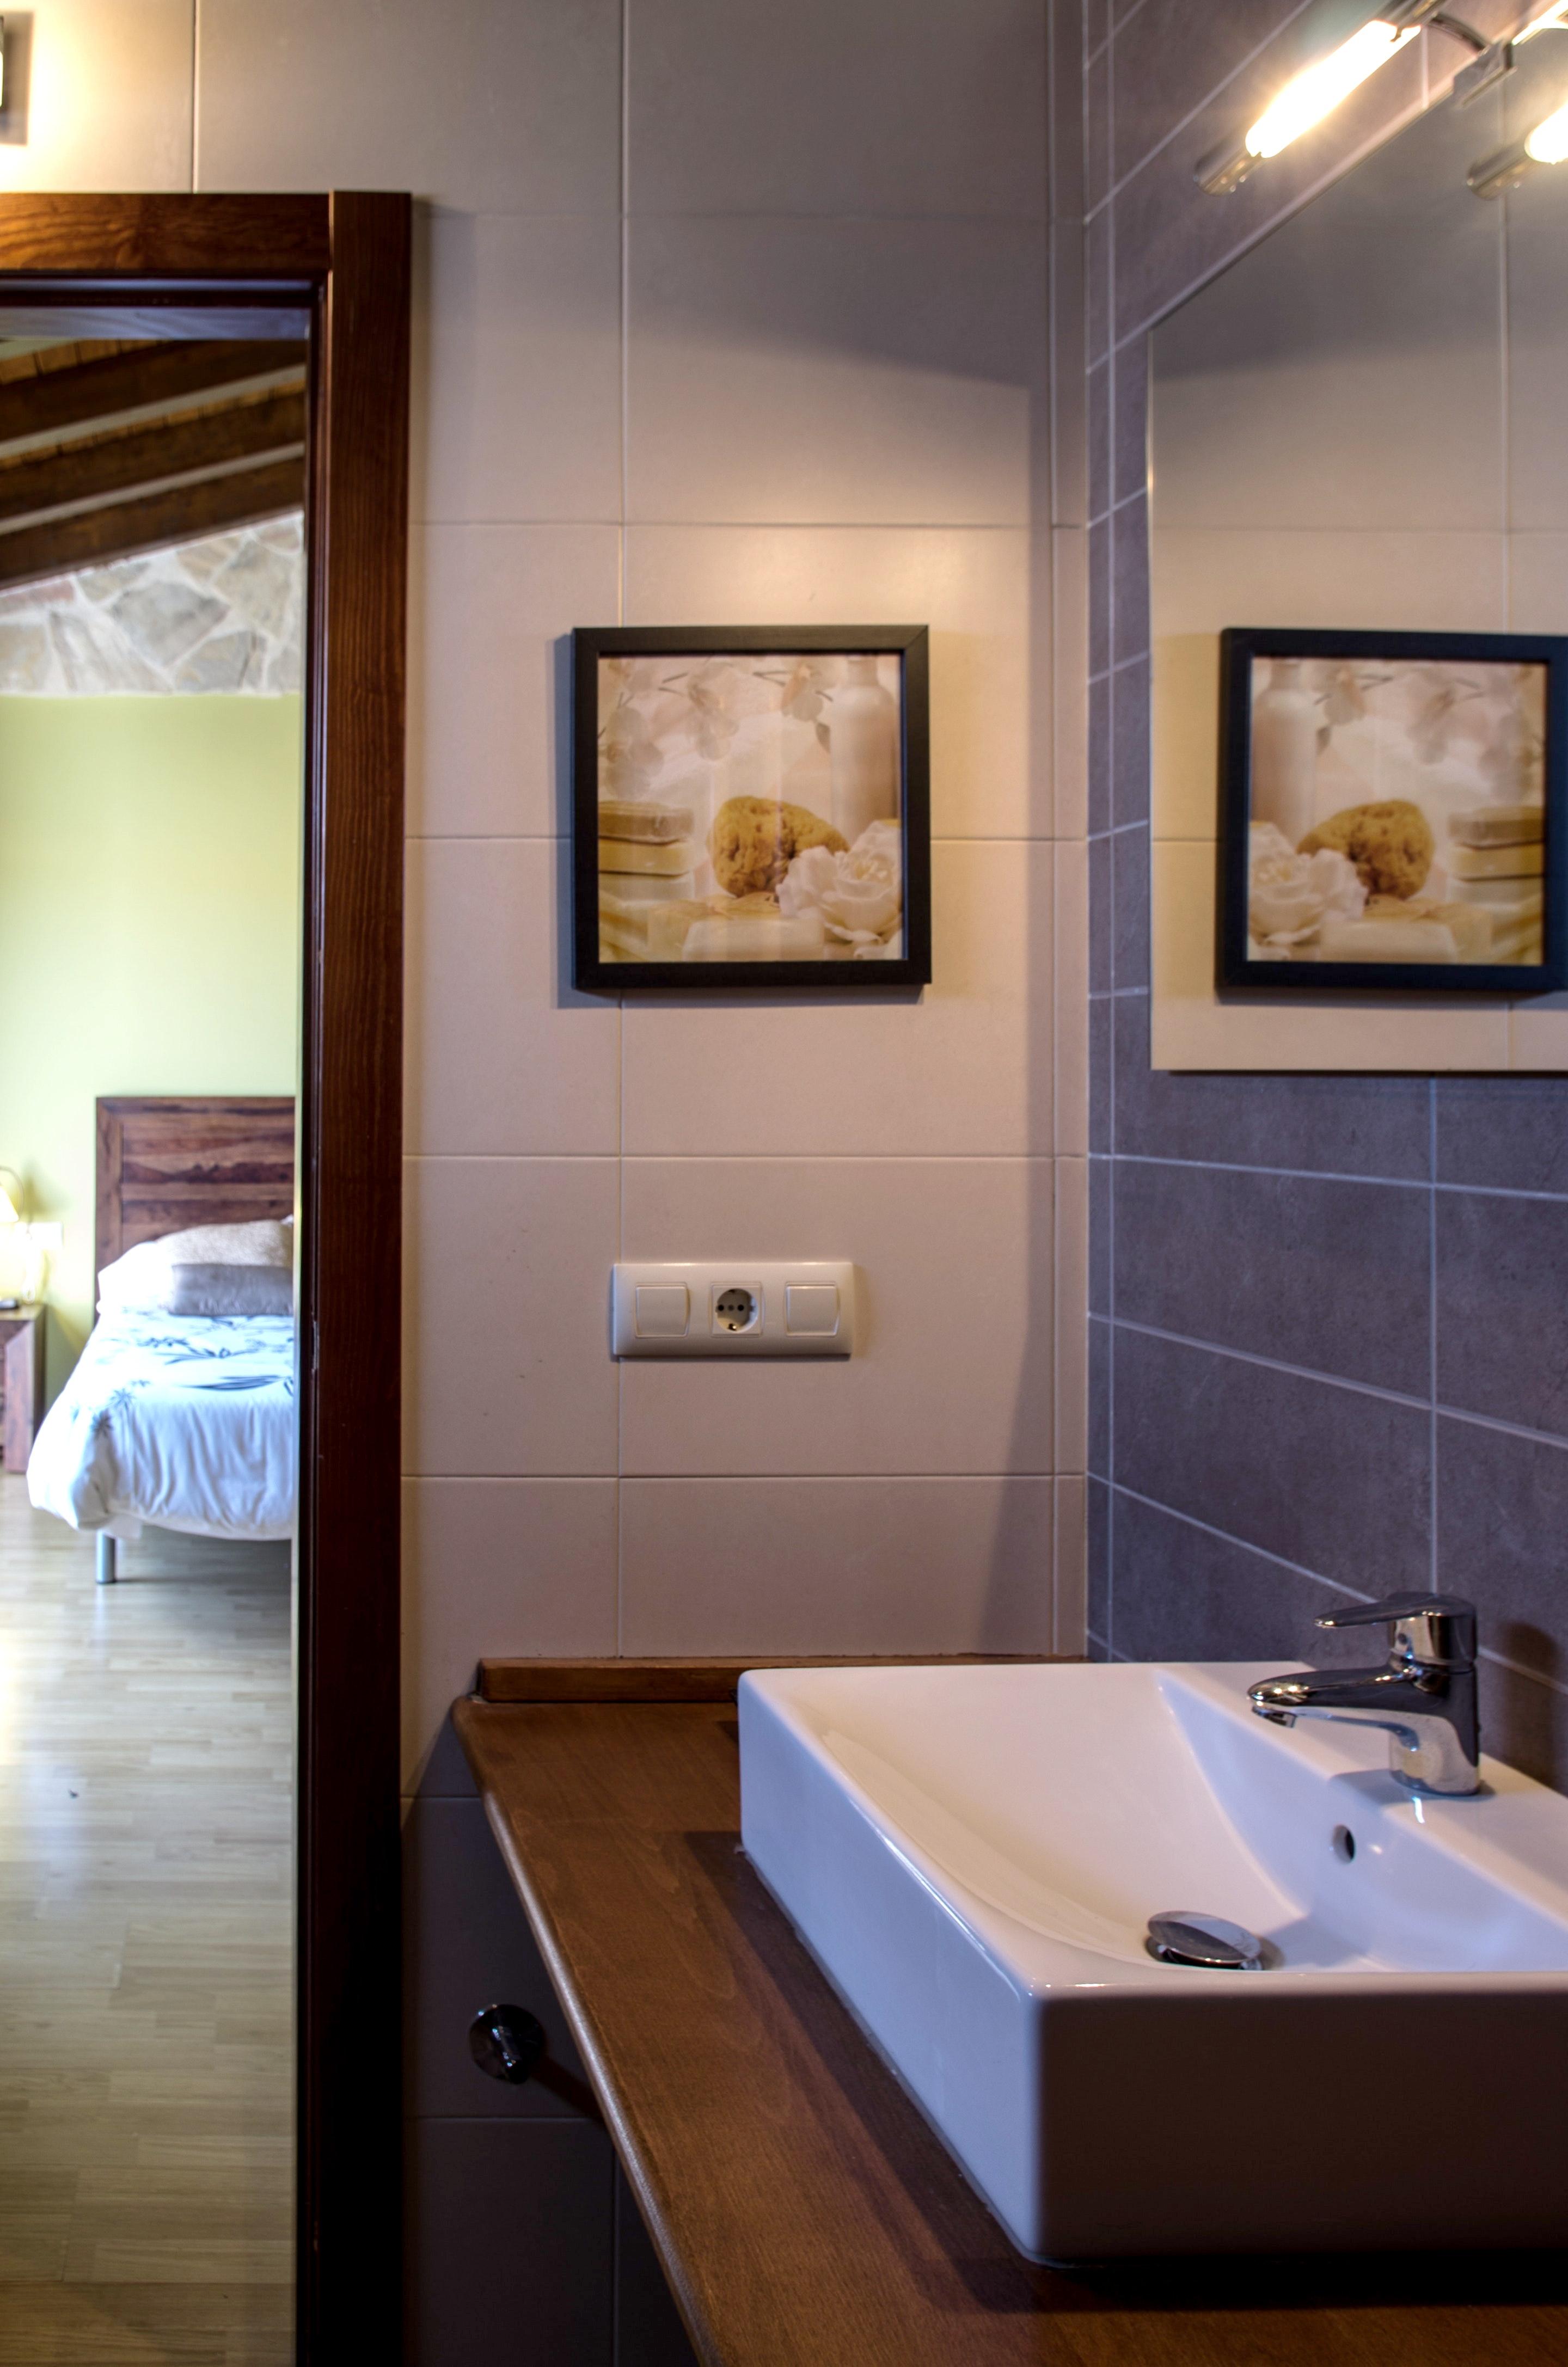 Ferienhaus Haus mit 3 Schlafzimmern in Talayuelas mit toller Aussicht auf die Berge, möblierter Terra (2202603), Talayuelas, Cuenca, Kastilien-La Mancha, Spanien, Bild 13